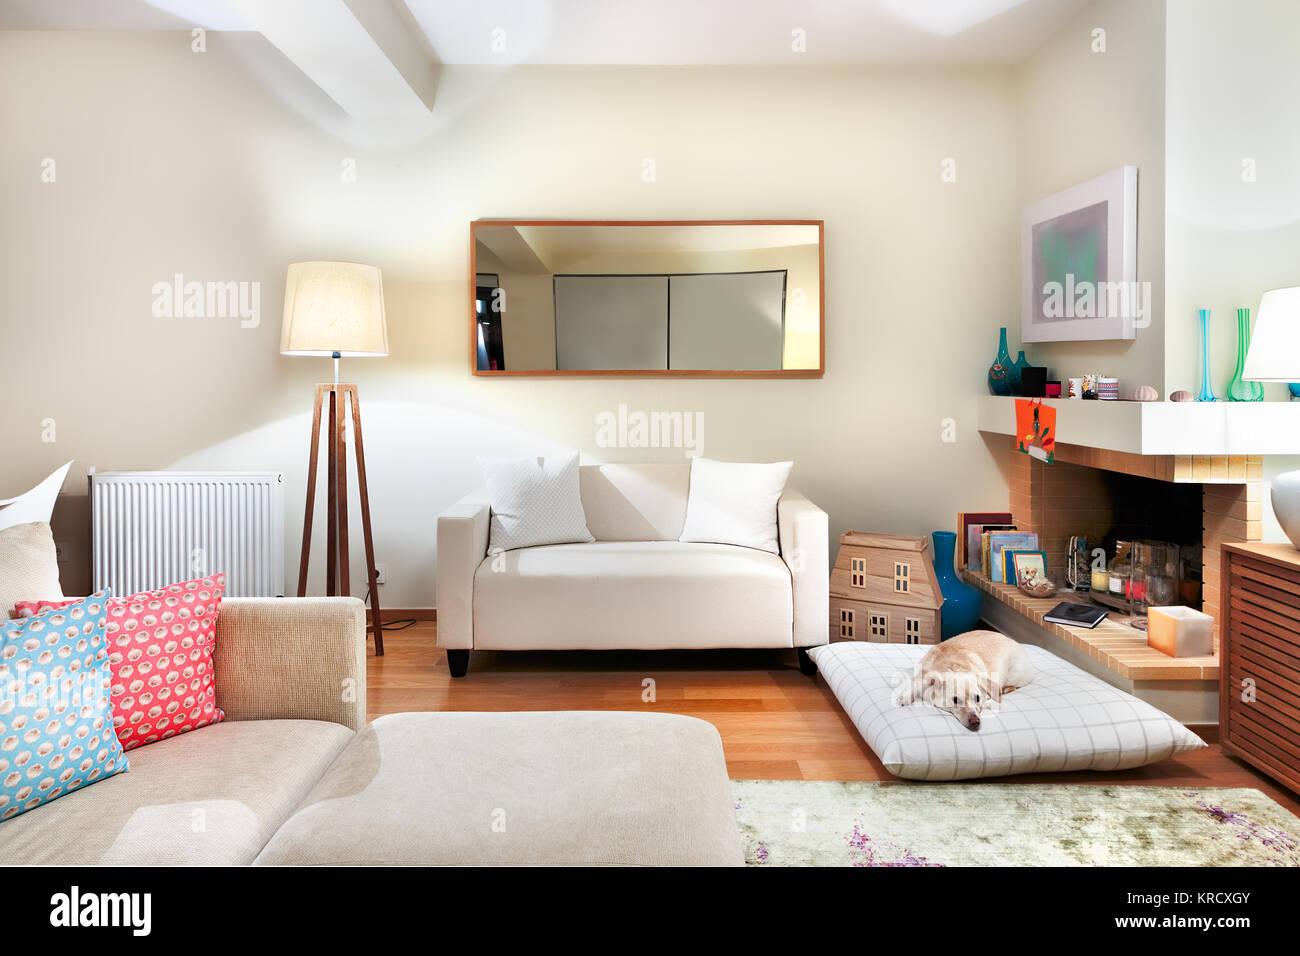 Ein Modernes Wohnzimmer Mit Zwei Sofas, Spiegel, Eine Große Lampe Und Ein  Hund Liegend Auf Einem Kissen, Künstliches Licht.